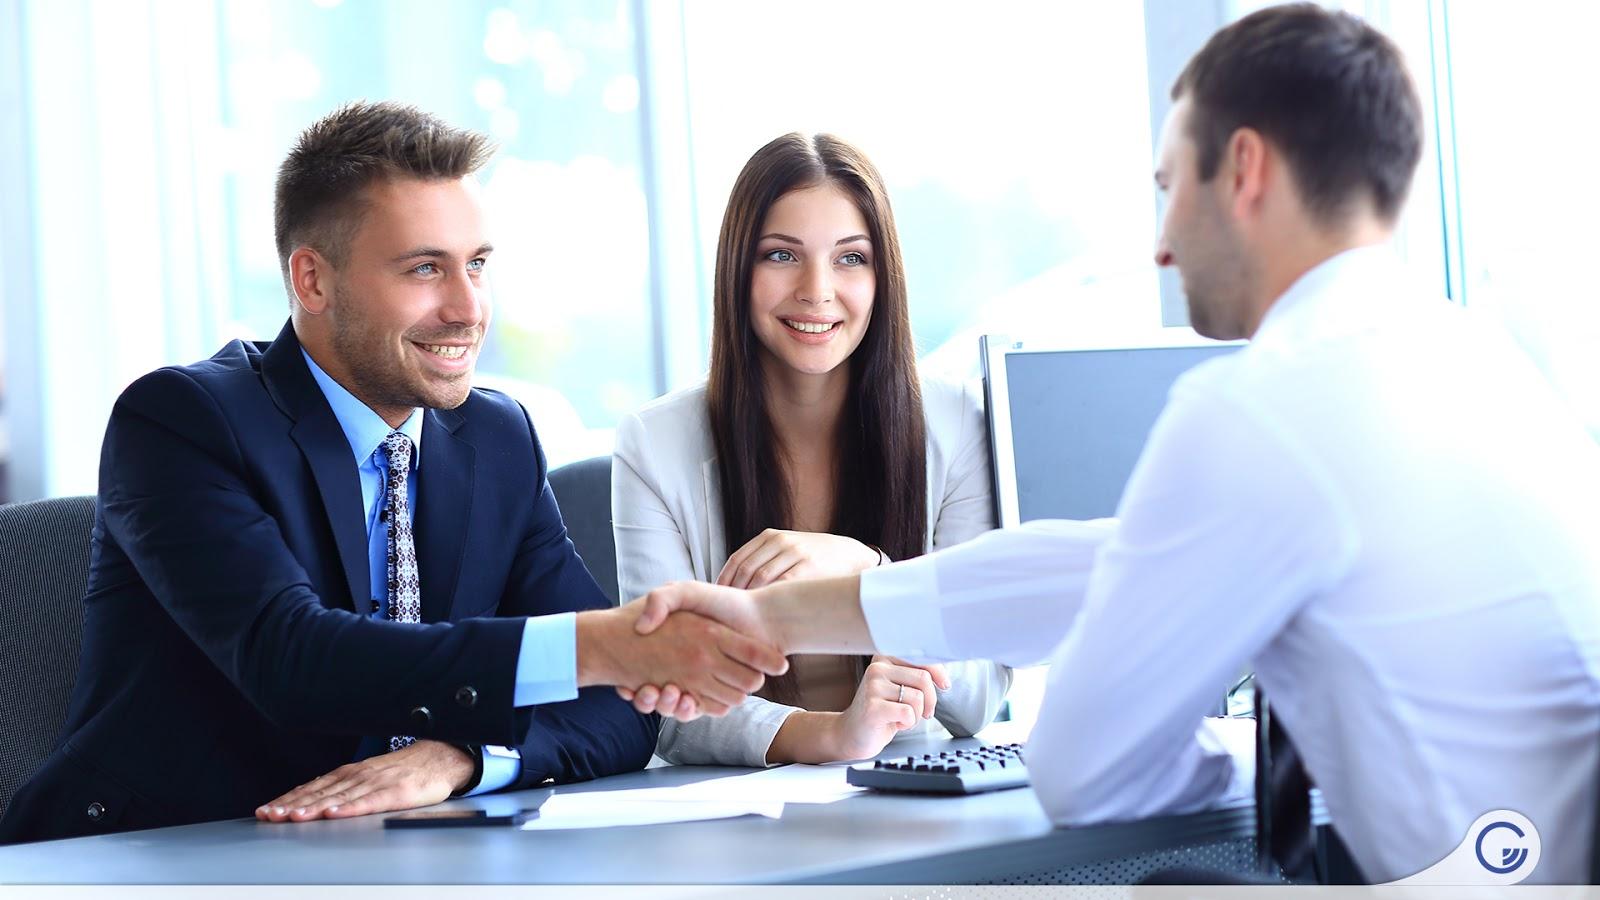 Como conseguir emprego com uma resposta